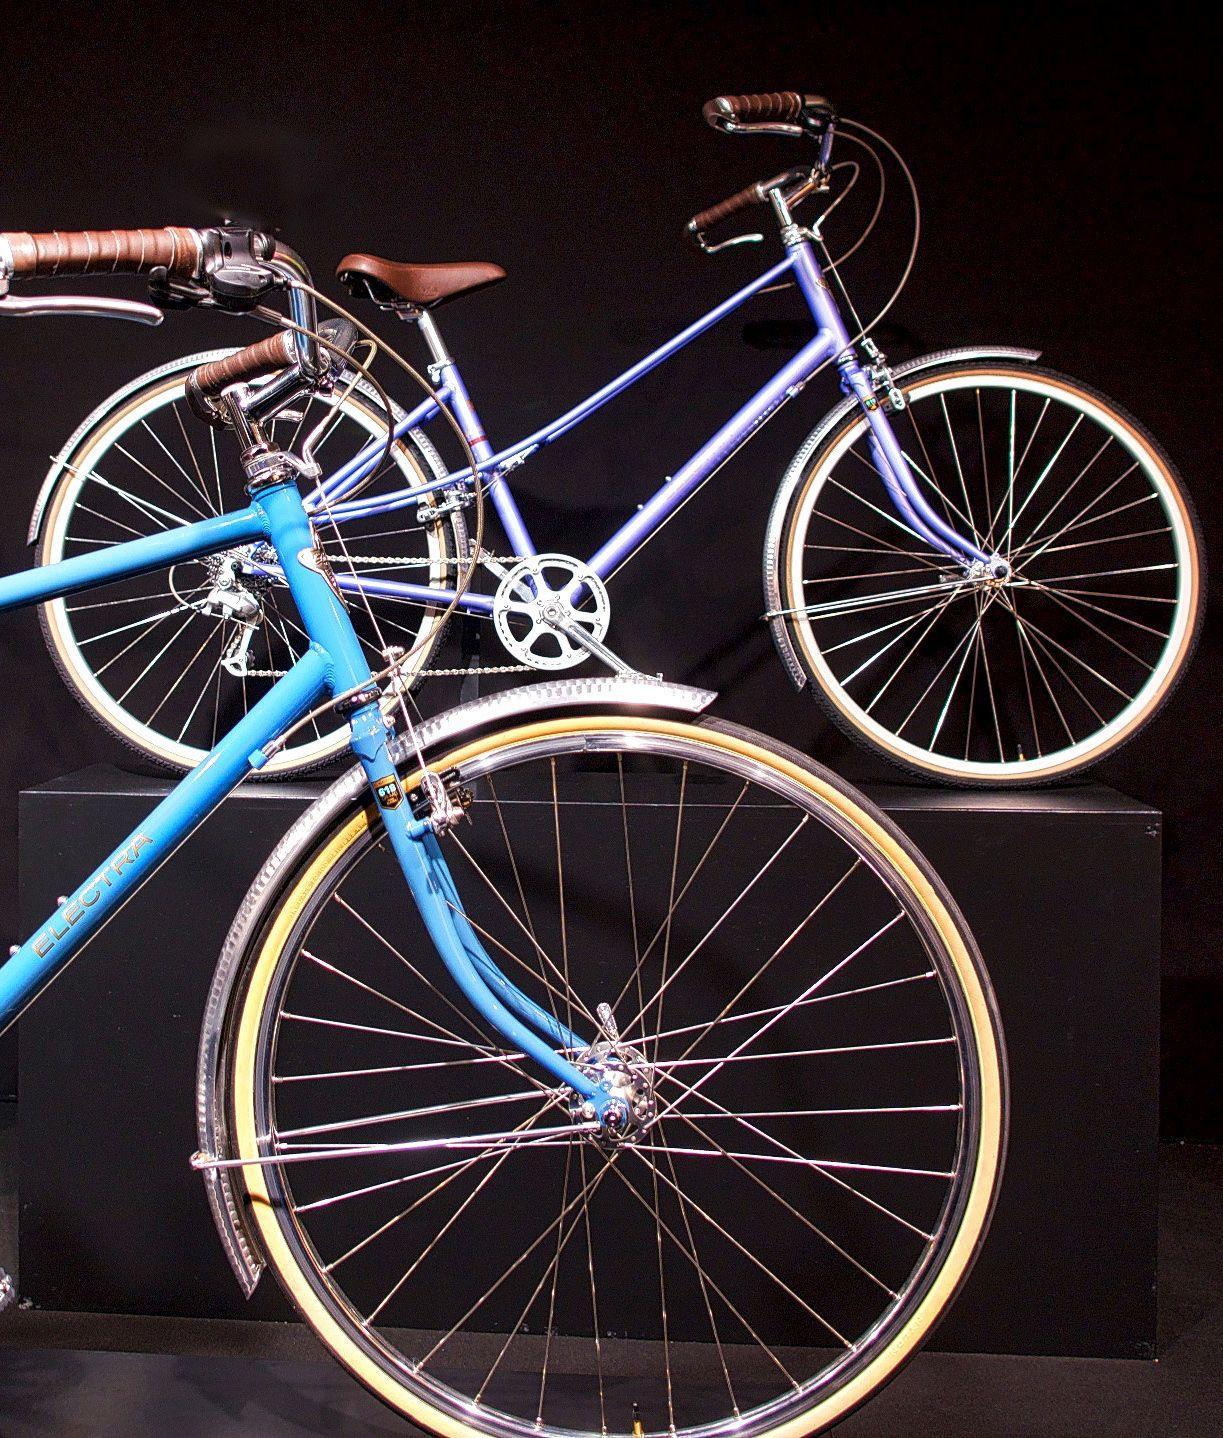 Bicycle Fahrrad Classic auf der Eurobike